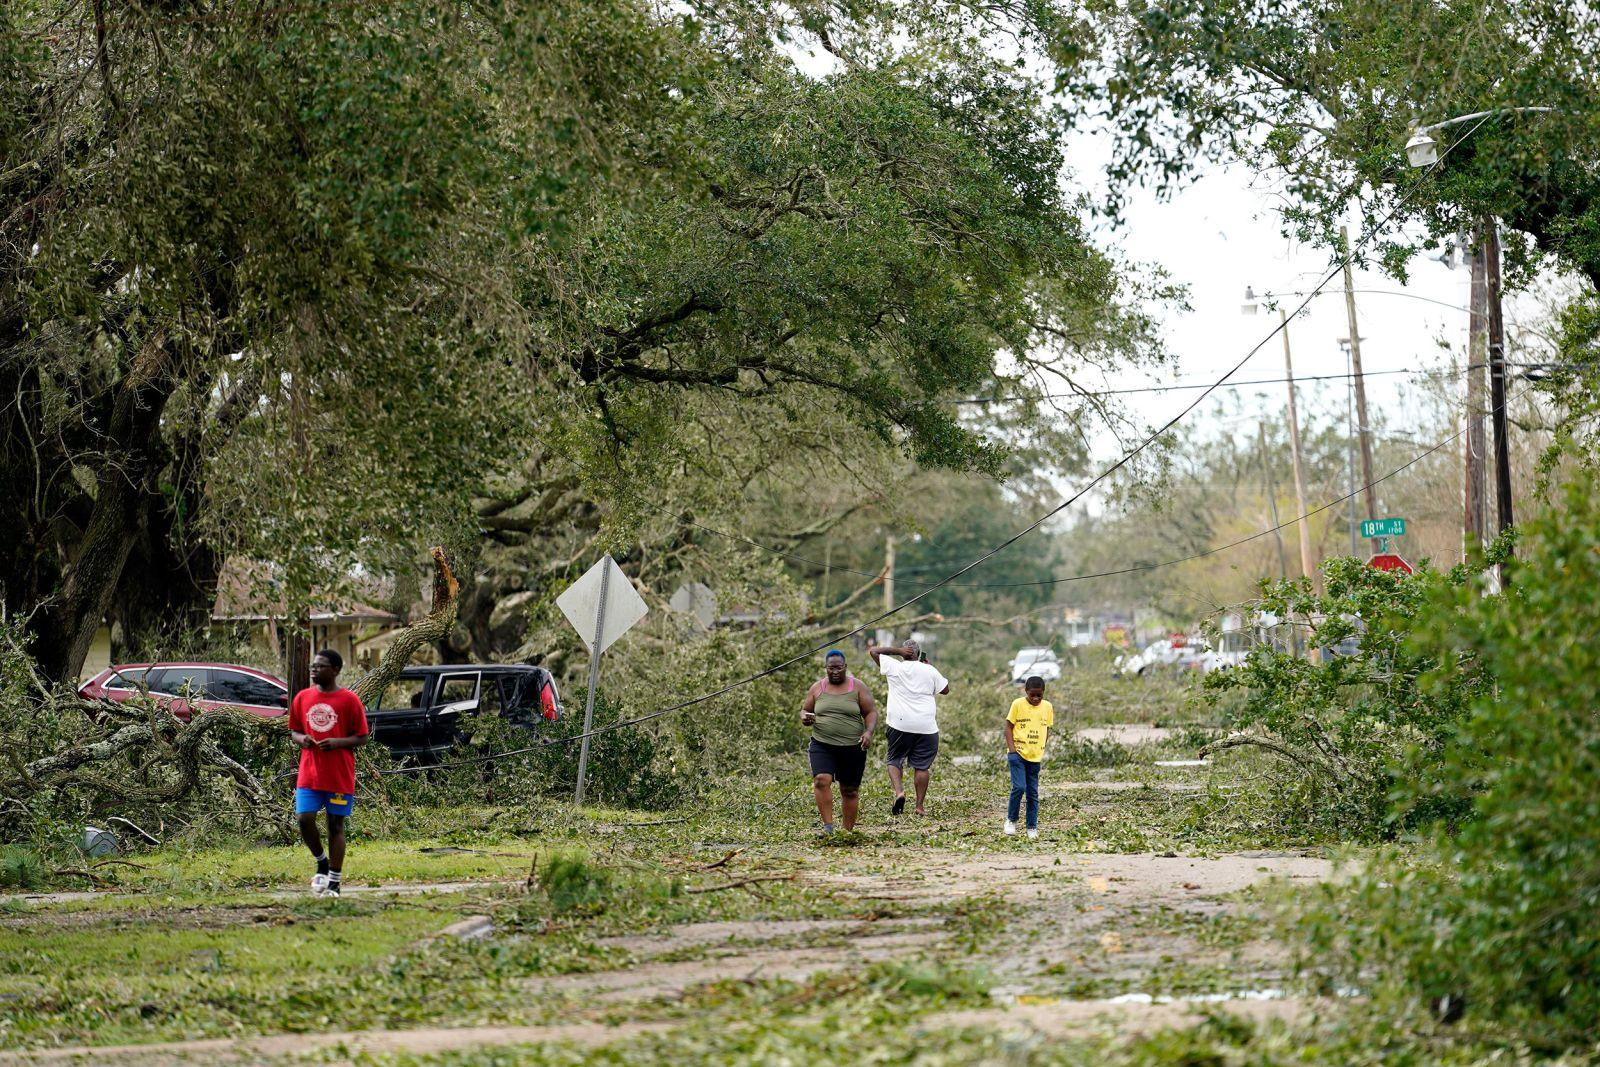 Chùm ảnh siêu bão Laura tàn phá phía Nam nước Mỹ: Ít nhất 4 người thiệt mạng, nhà cửa hư hỏng nặng nề, cuộc sống người dân bị đảo lộn - Ảnh 11.